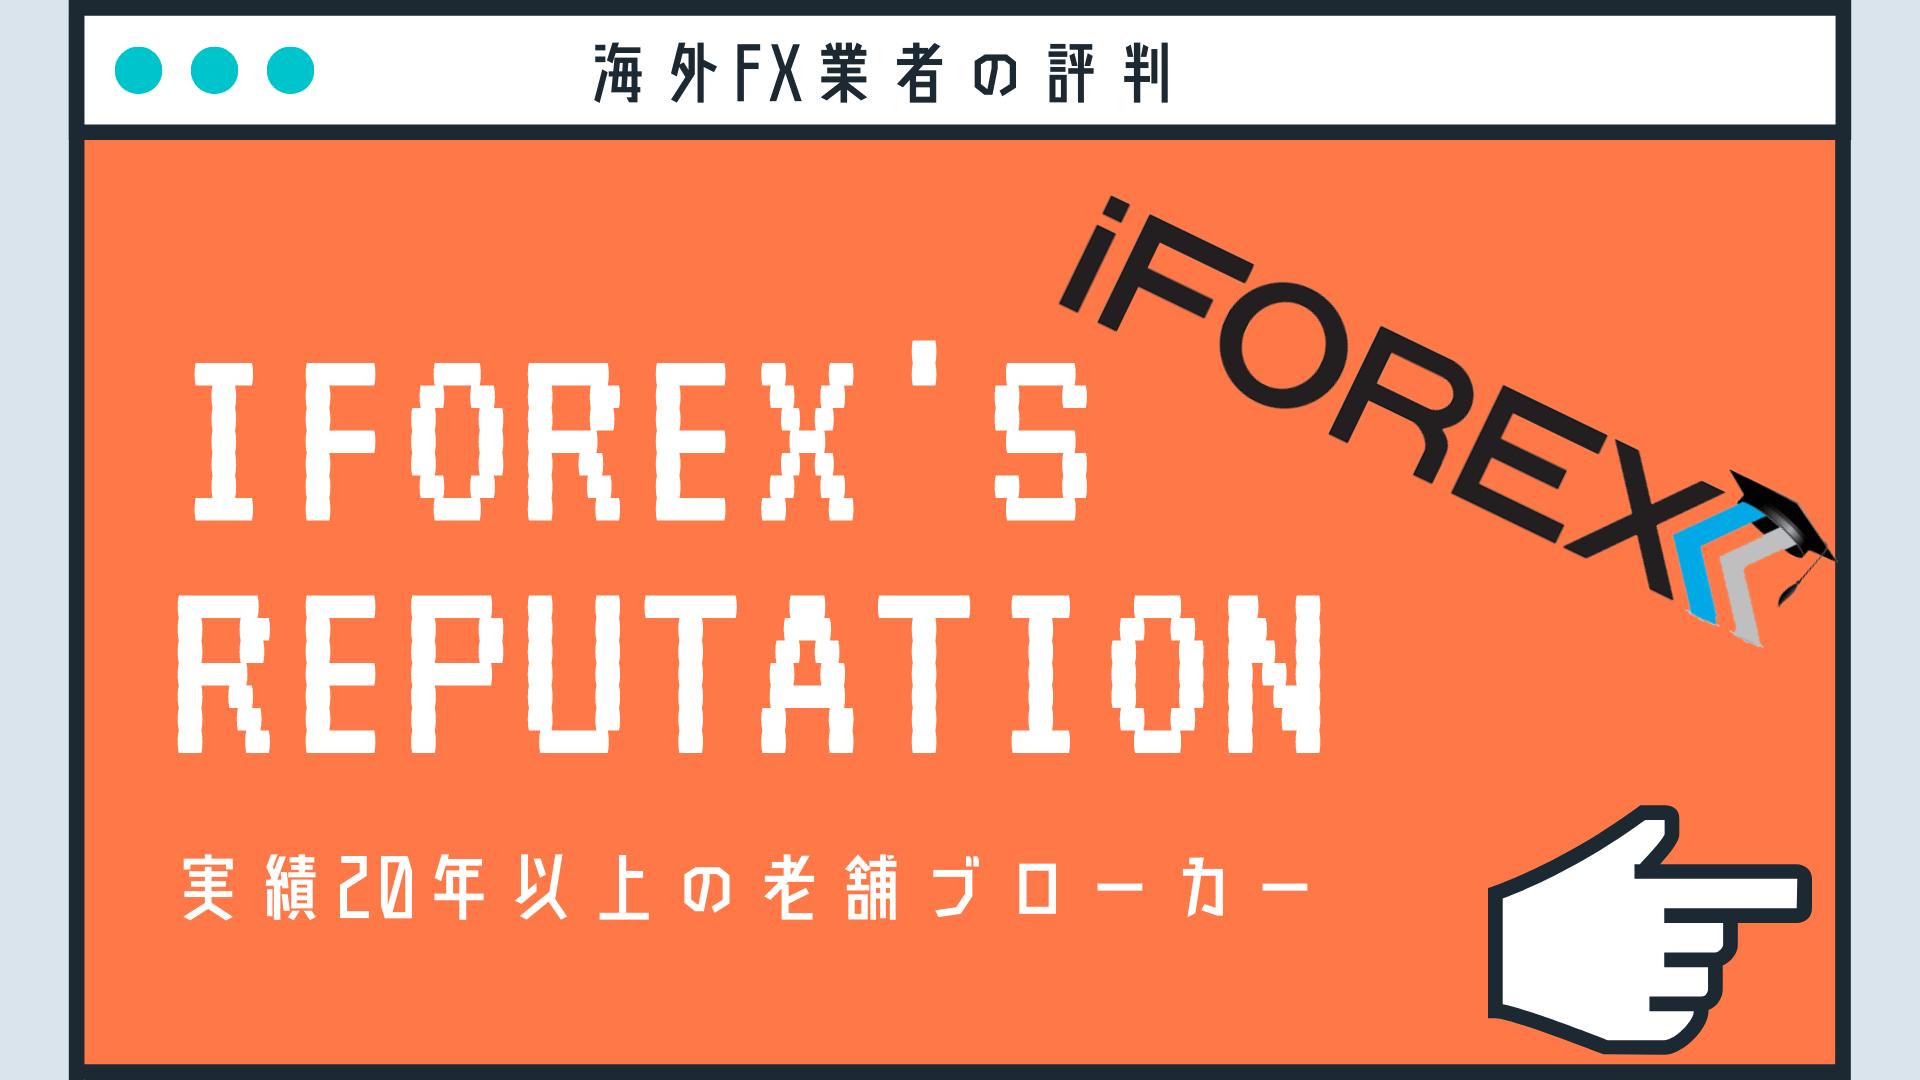 iFOREXの評判は?実績20年以上老舗ブローカーの特徴を網羅します